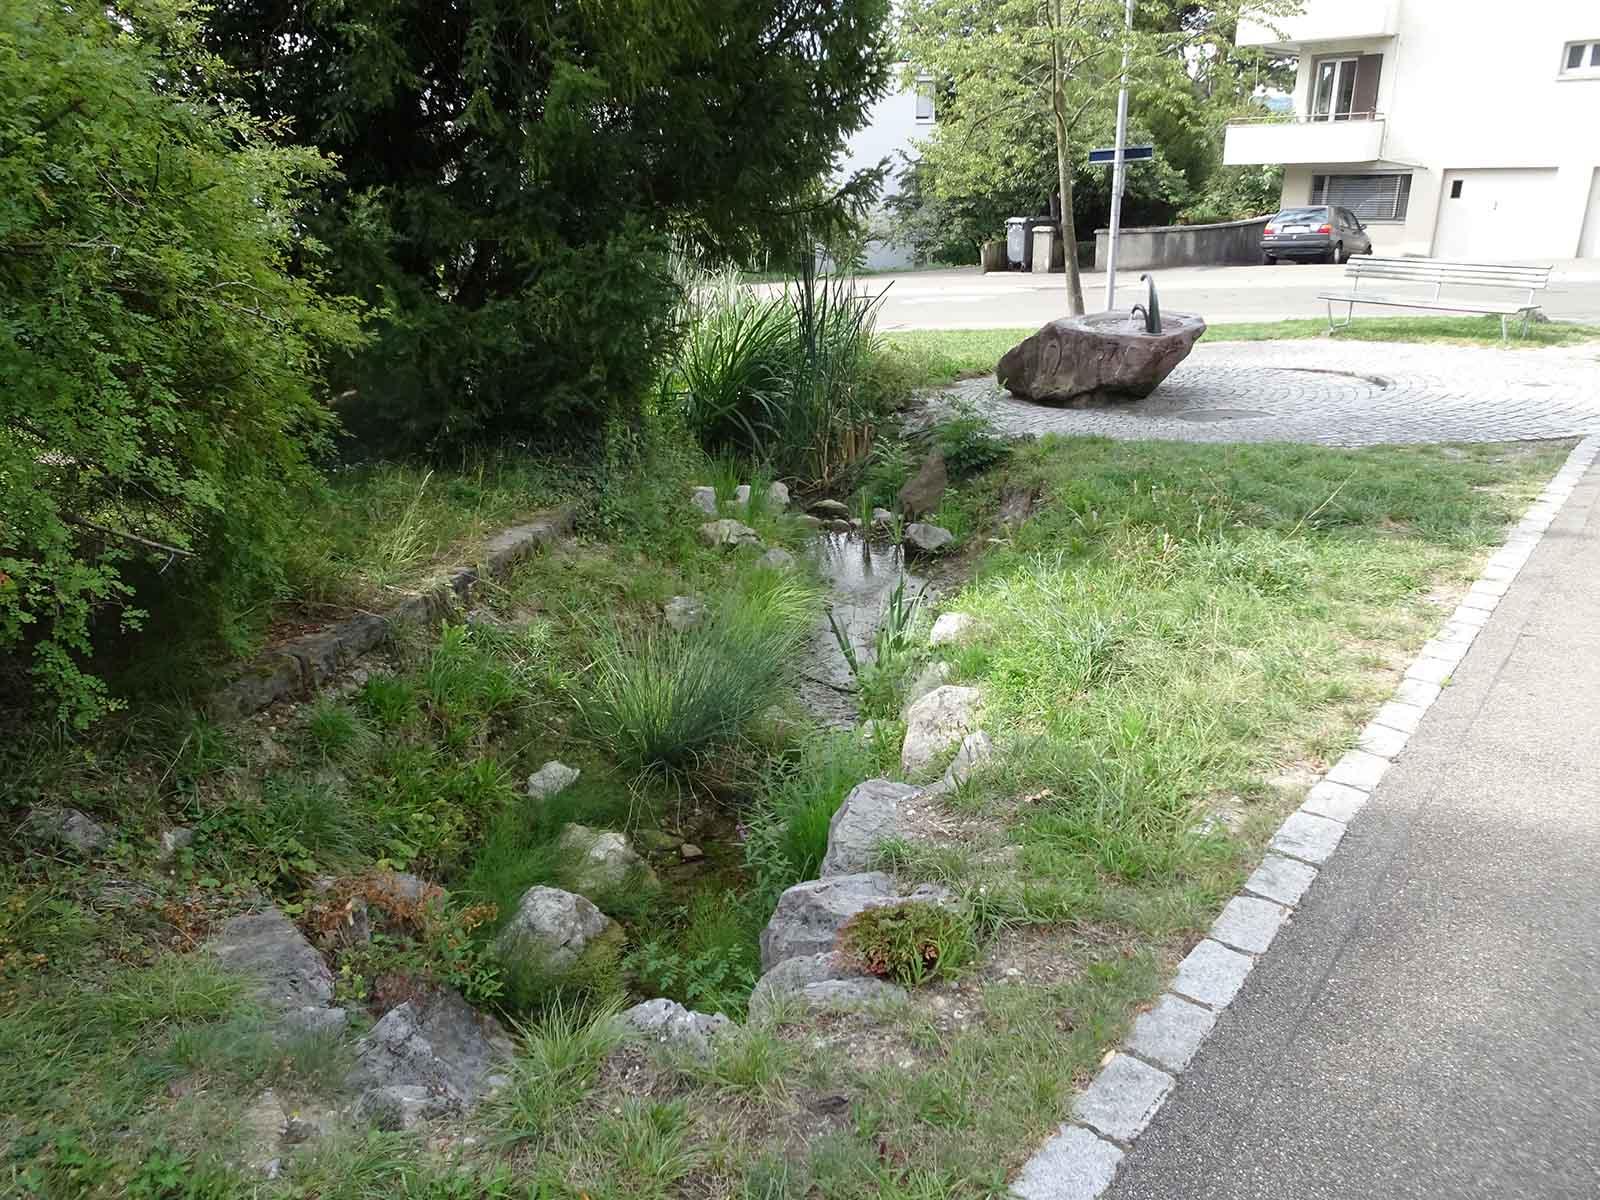 Ungefähr an dieser Stelle, bevor der Waidfussweg in die Wunderlistrasse einmündet, floss auch der ursprüngliche Oerisbac